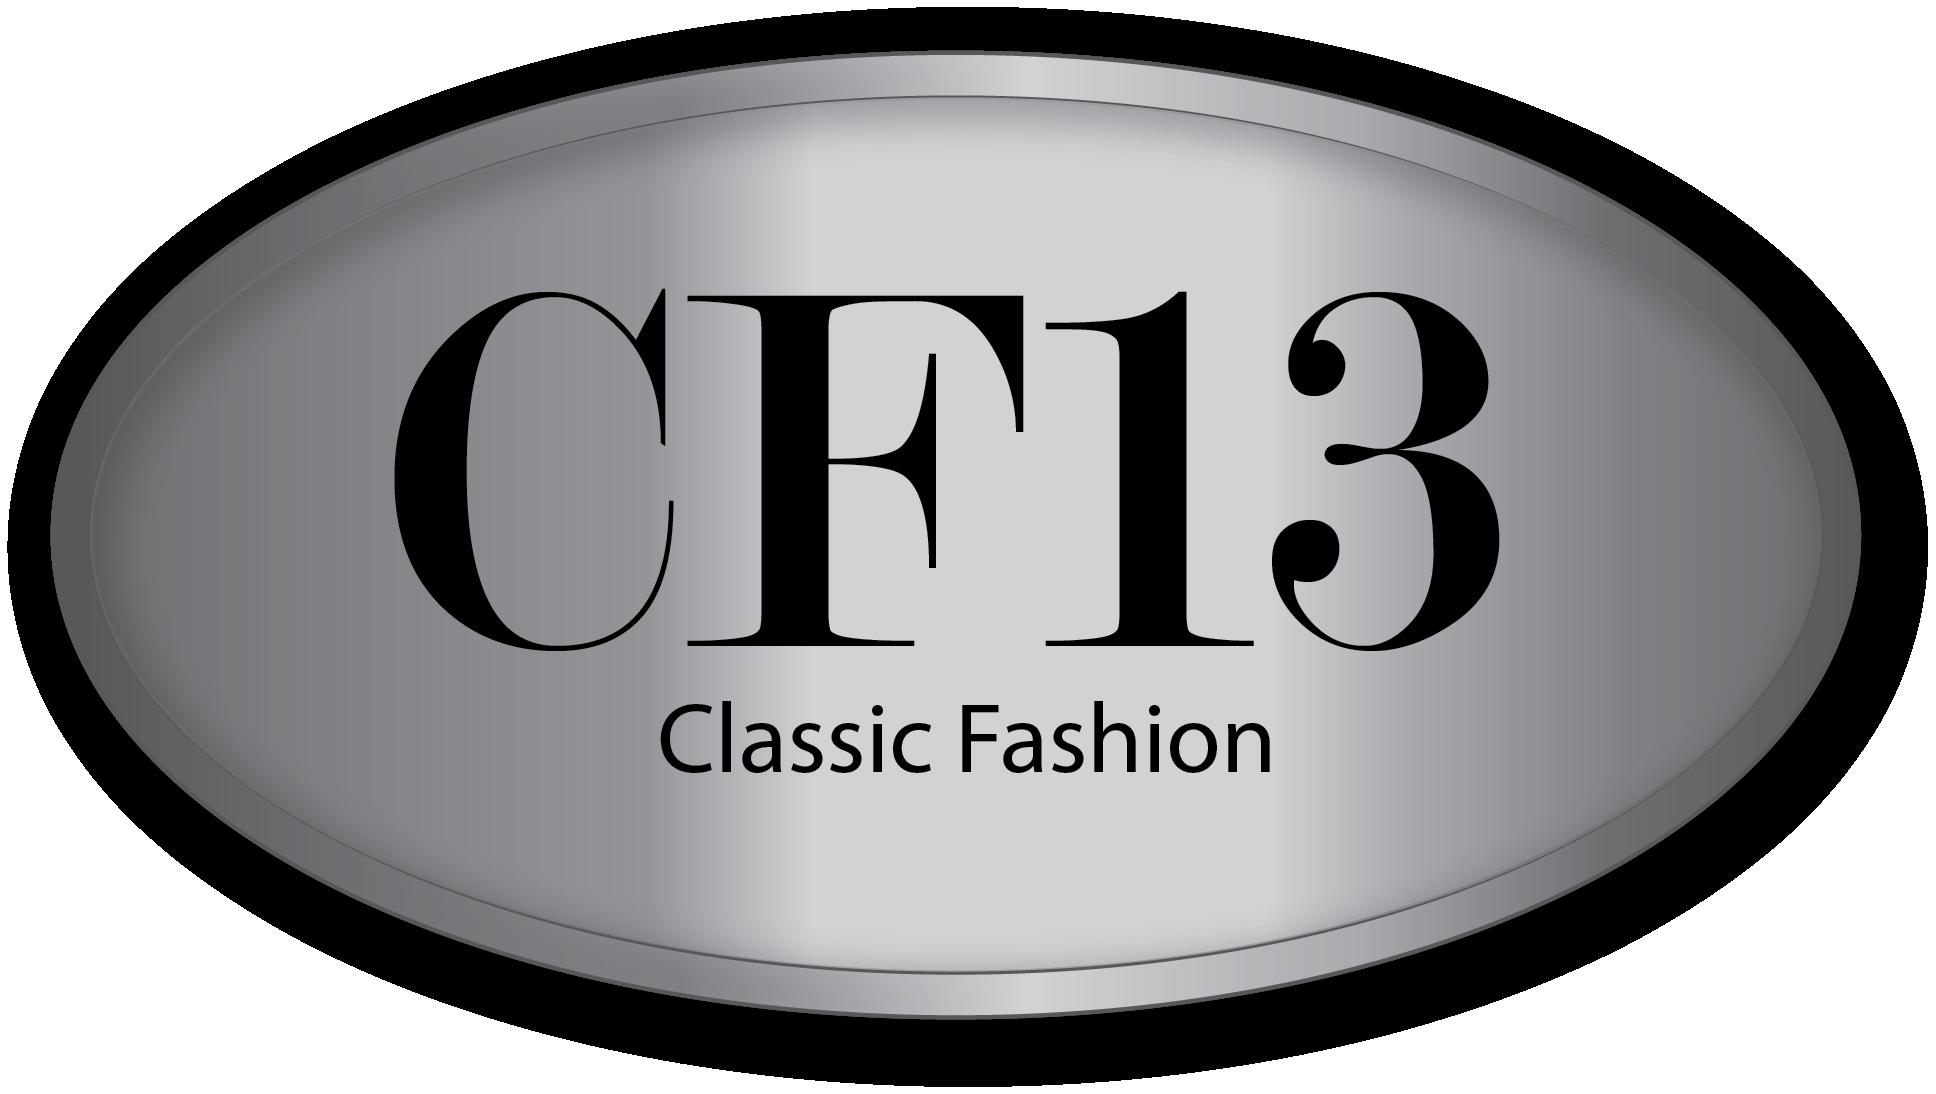 cf13 logo_png